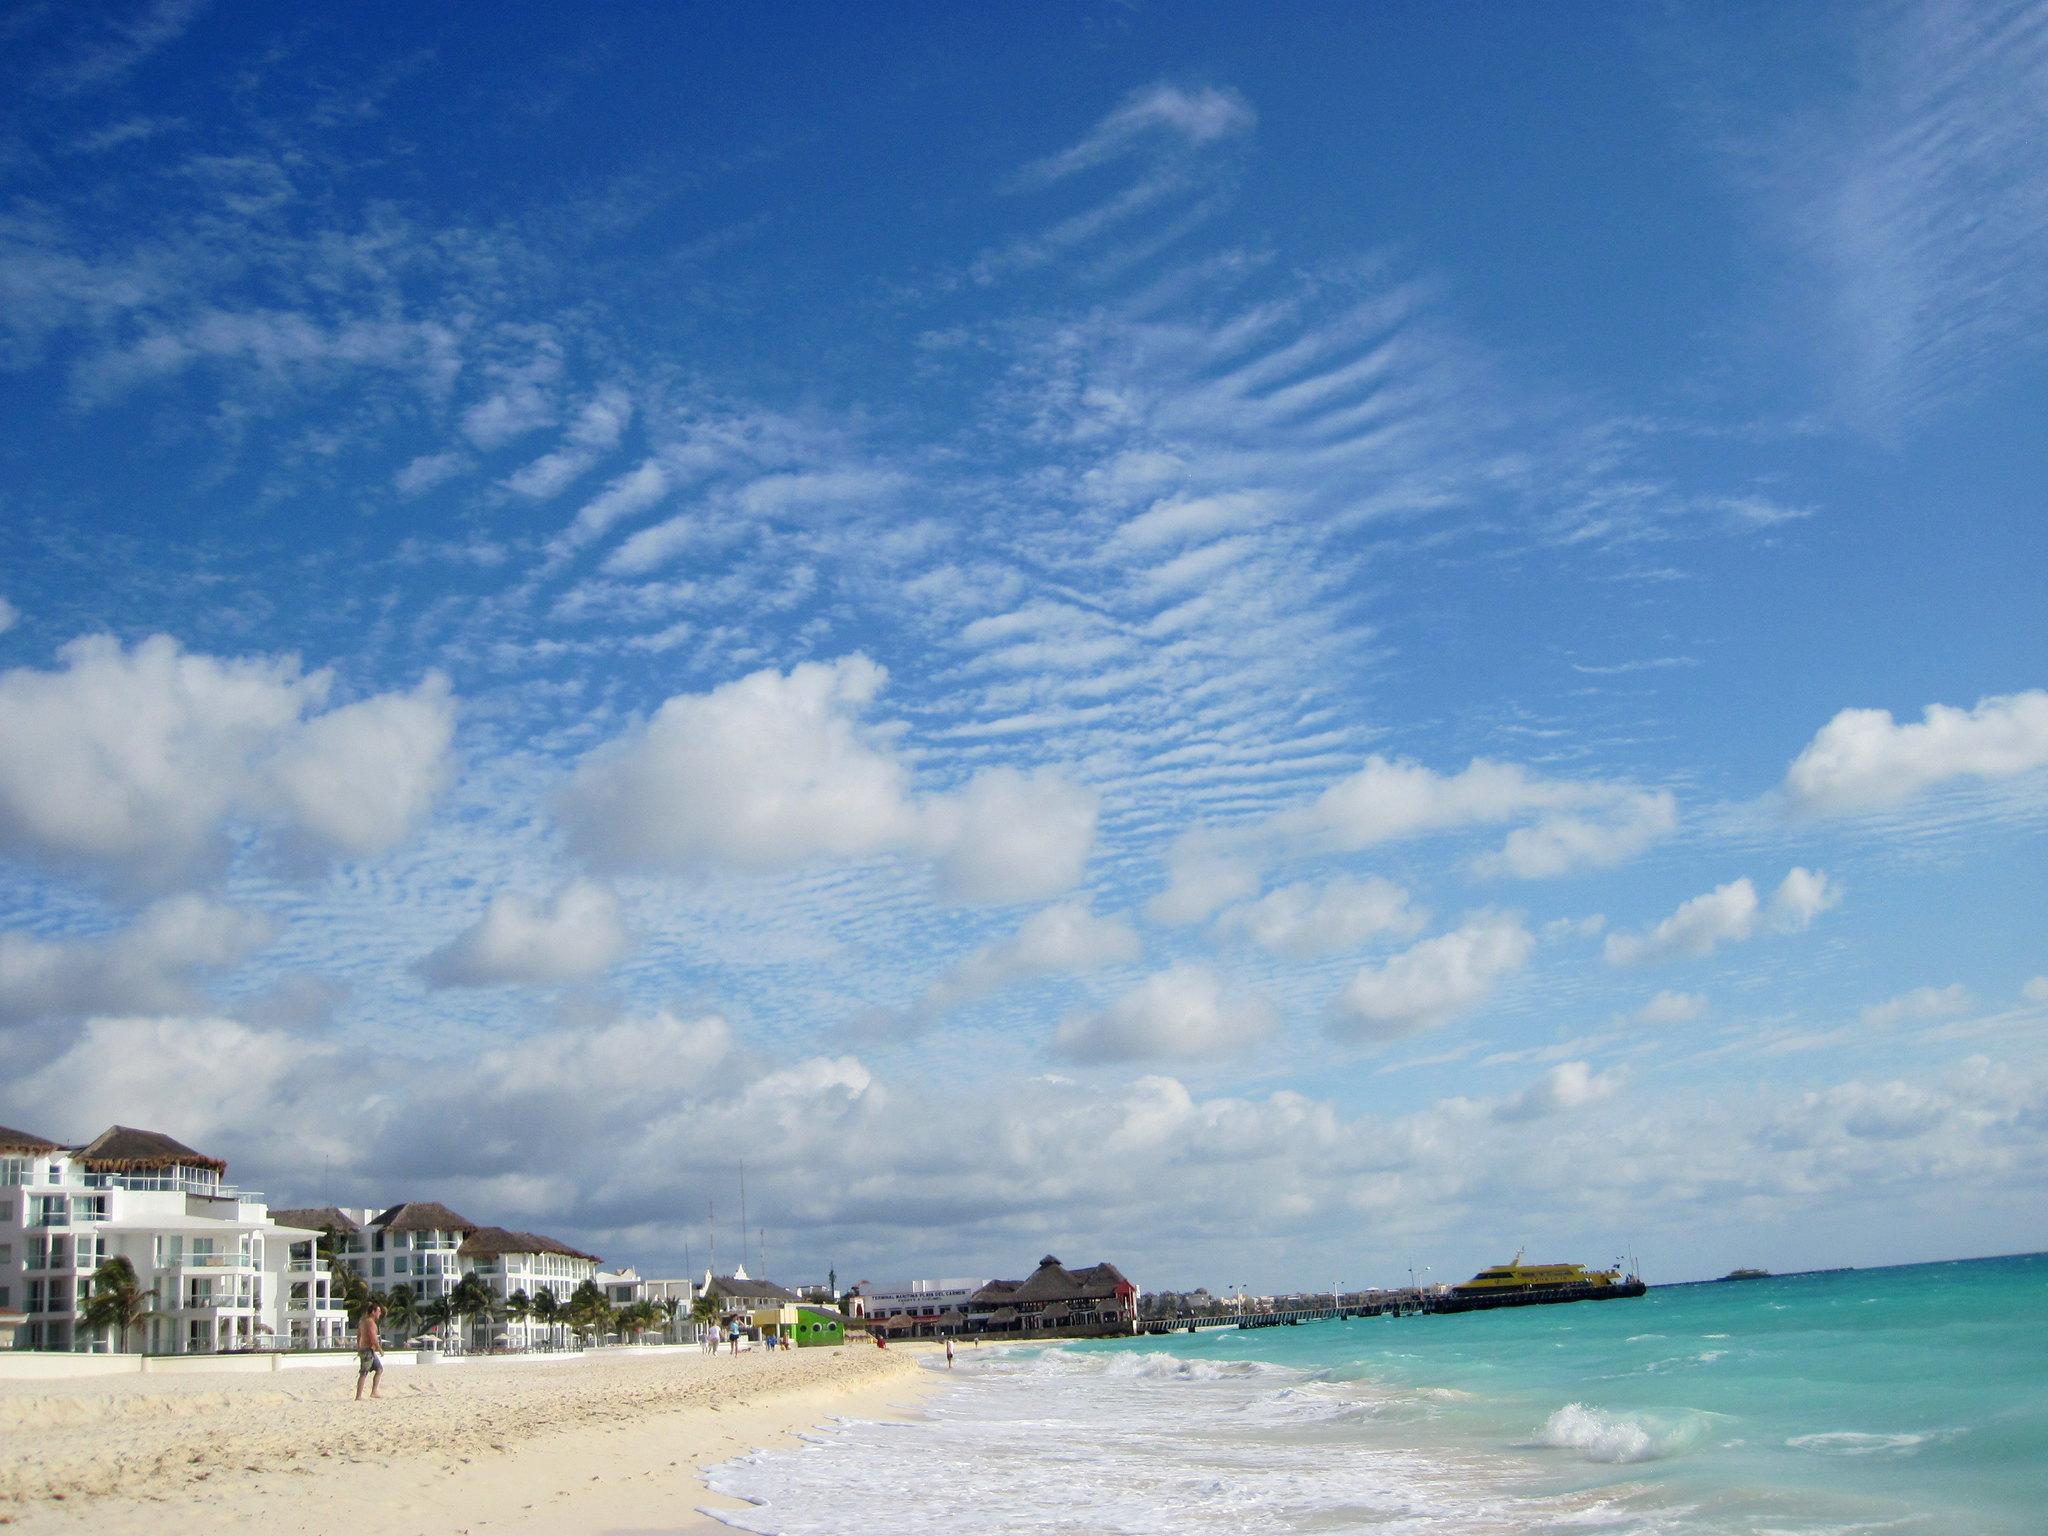 The Best Beaches in Riviera Maya Top 10 Beaches in Riviera Maya